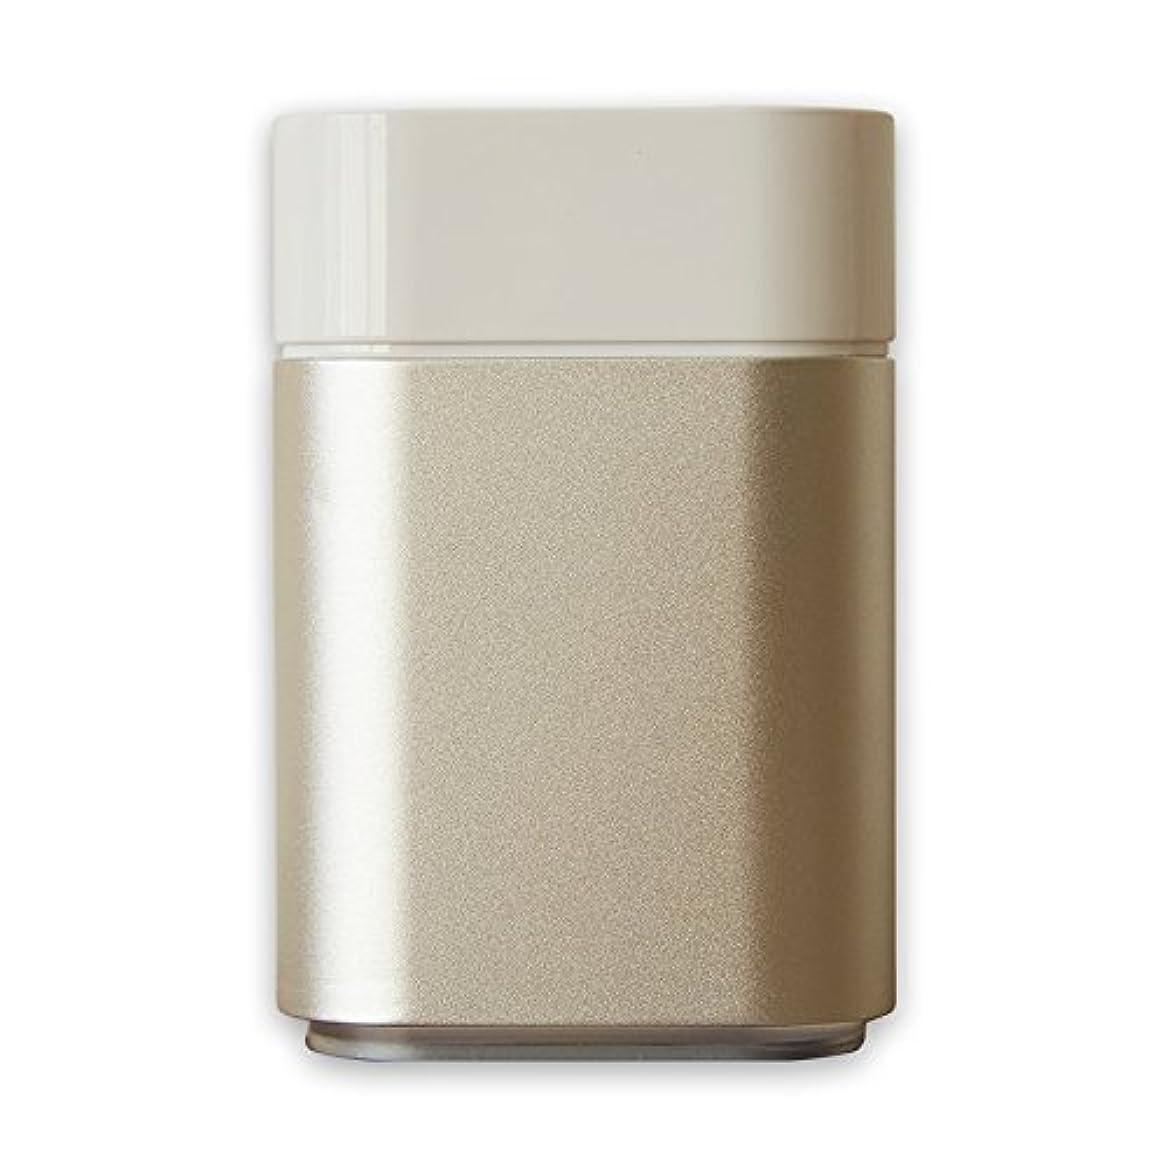 ところでたくさん大人アロマディフューザー UR-AROMA04 卓上 小型 Uruon(ウルオン)水を使わない アロマ ネブライザー式 水なし ダイレクトオイル 製油瓶直噴式 超音波式 USB 卓上 油性 水性 静音 アロマオイル